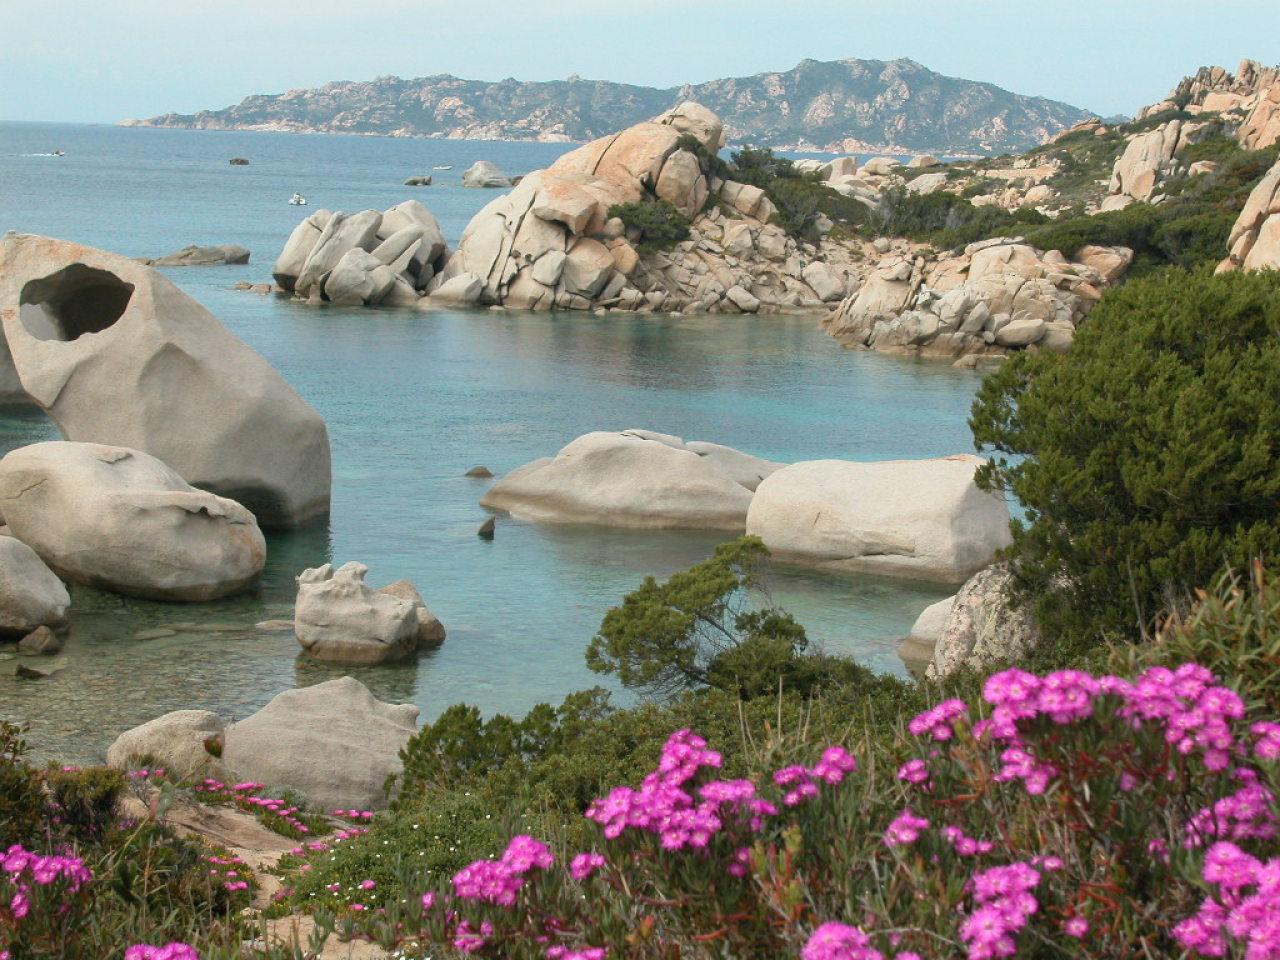 Piscine sardegnaturismo sito ufficiale del turismo - Piscine rocciose ...